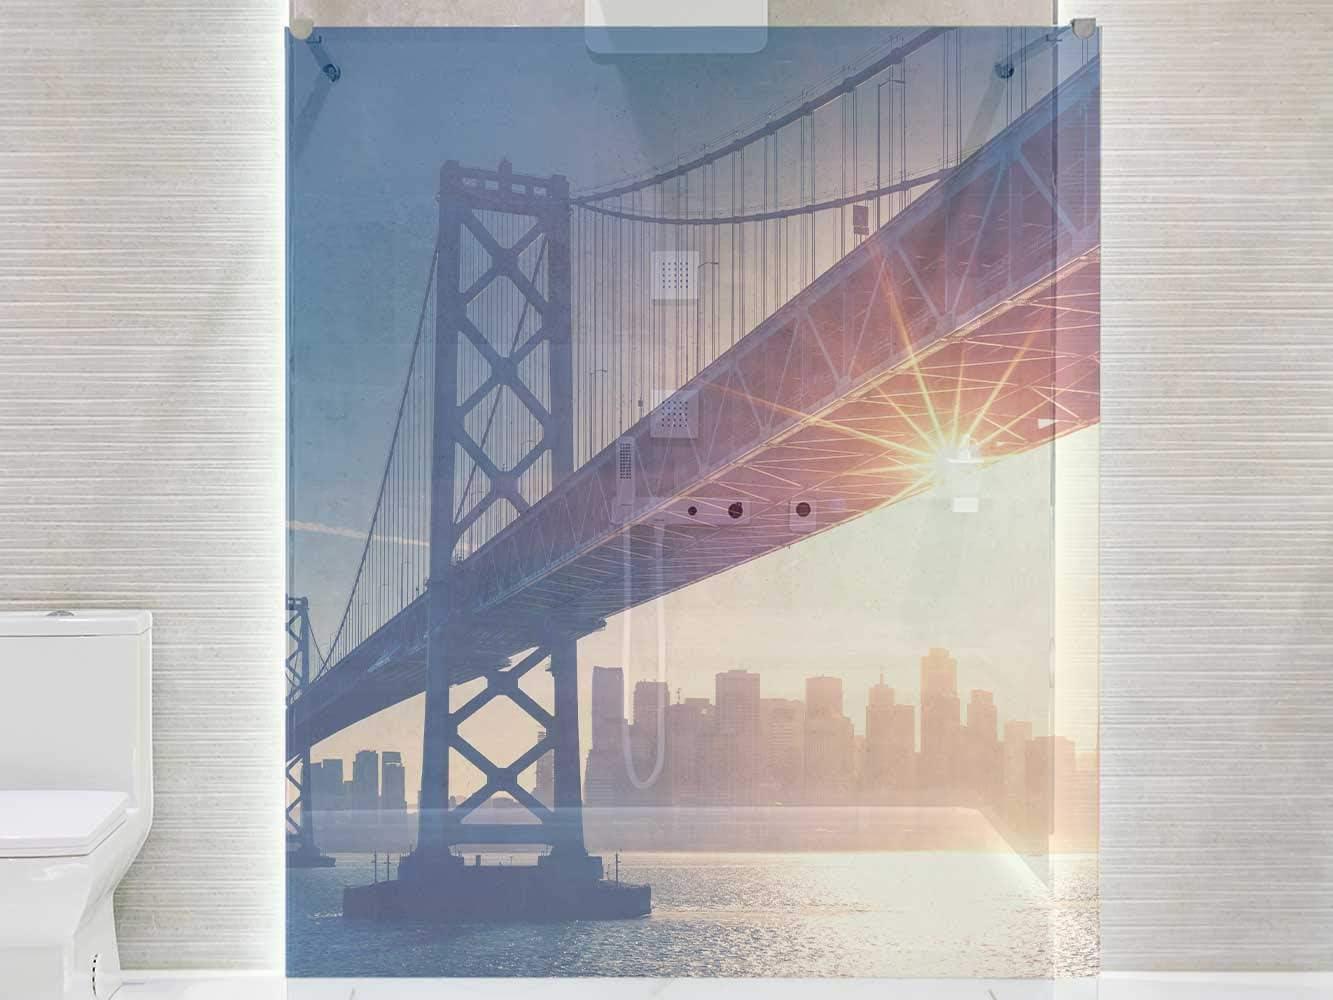 Adhesivo Resistente y de F/ácil Aplicaci/ón Varias Medidas 185x60cm Vinilo Transparente para Mamparas de Ducha y Ba/ños Puente Manhattan Pegatina Adhesiva Decorativa de Dise/ño Elegante